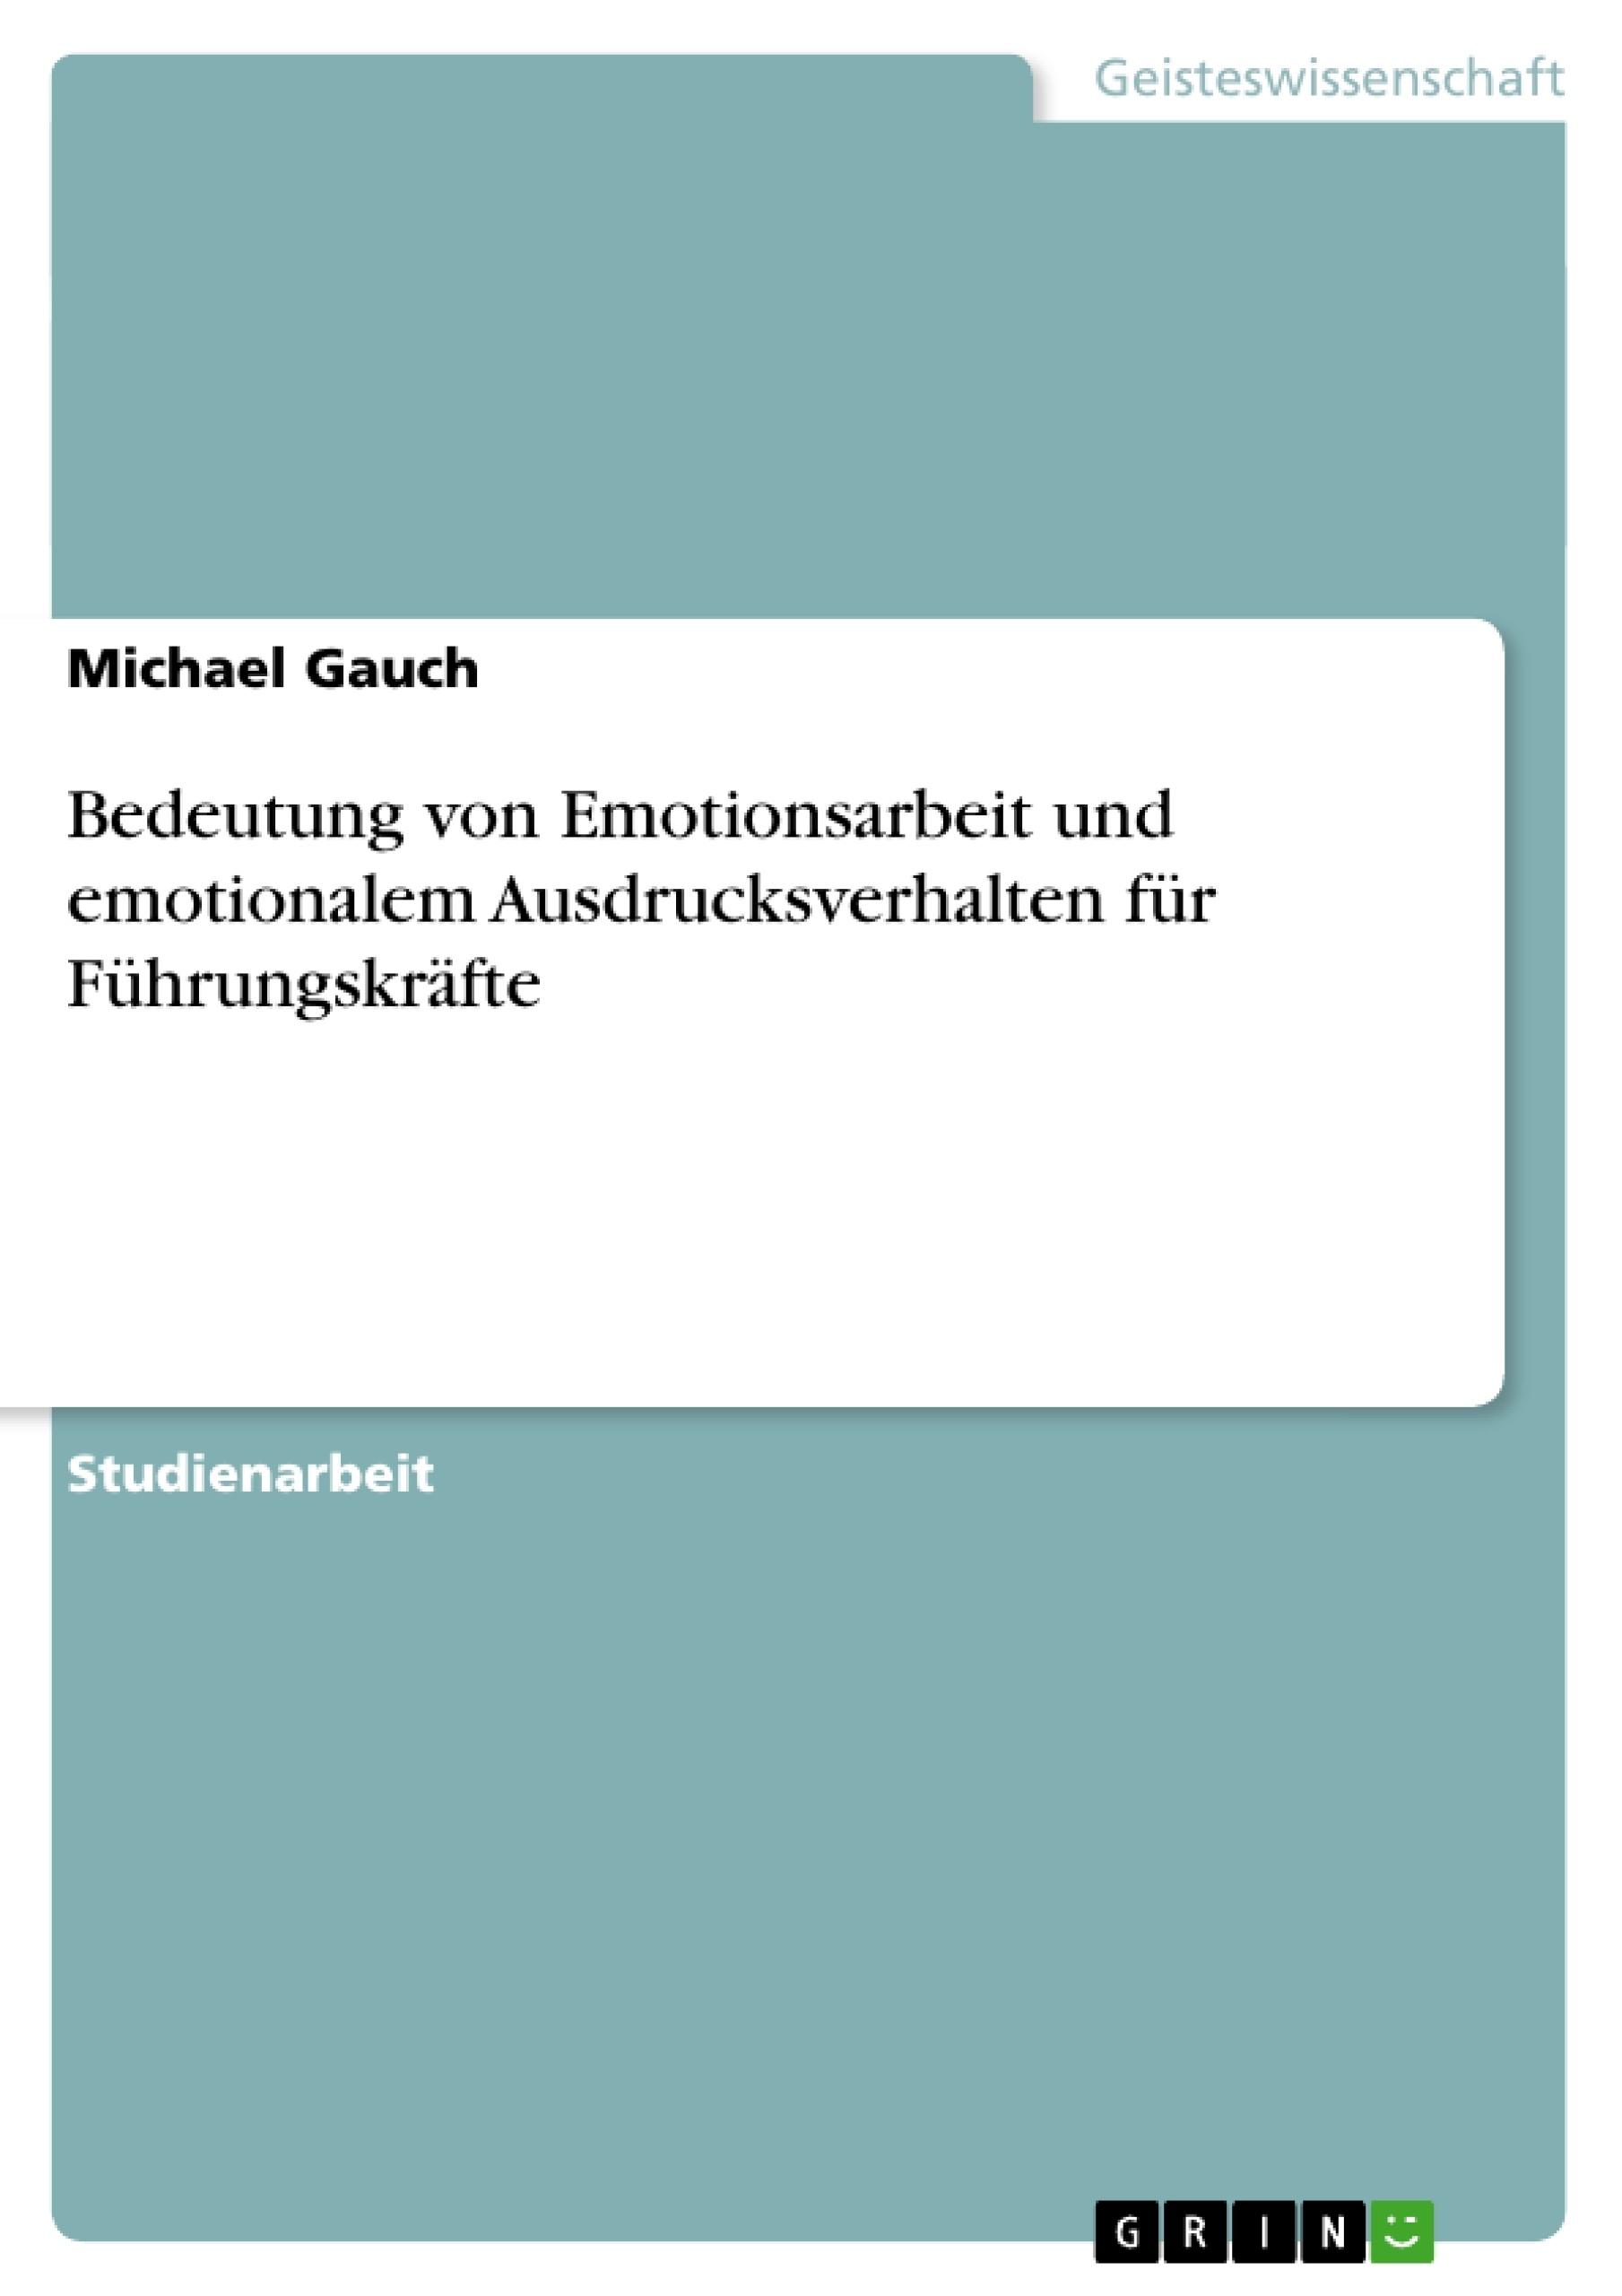 Titel: Bedeutung von Emotionsarbeit und emotionalem Ausdrucksverhalten für Führungskräfte